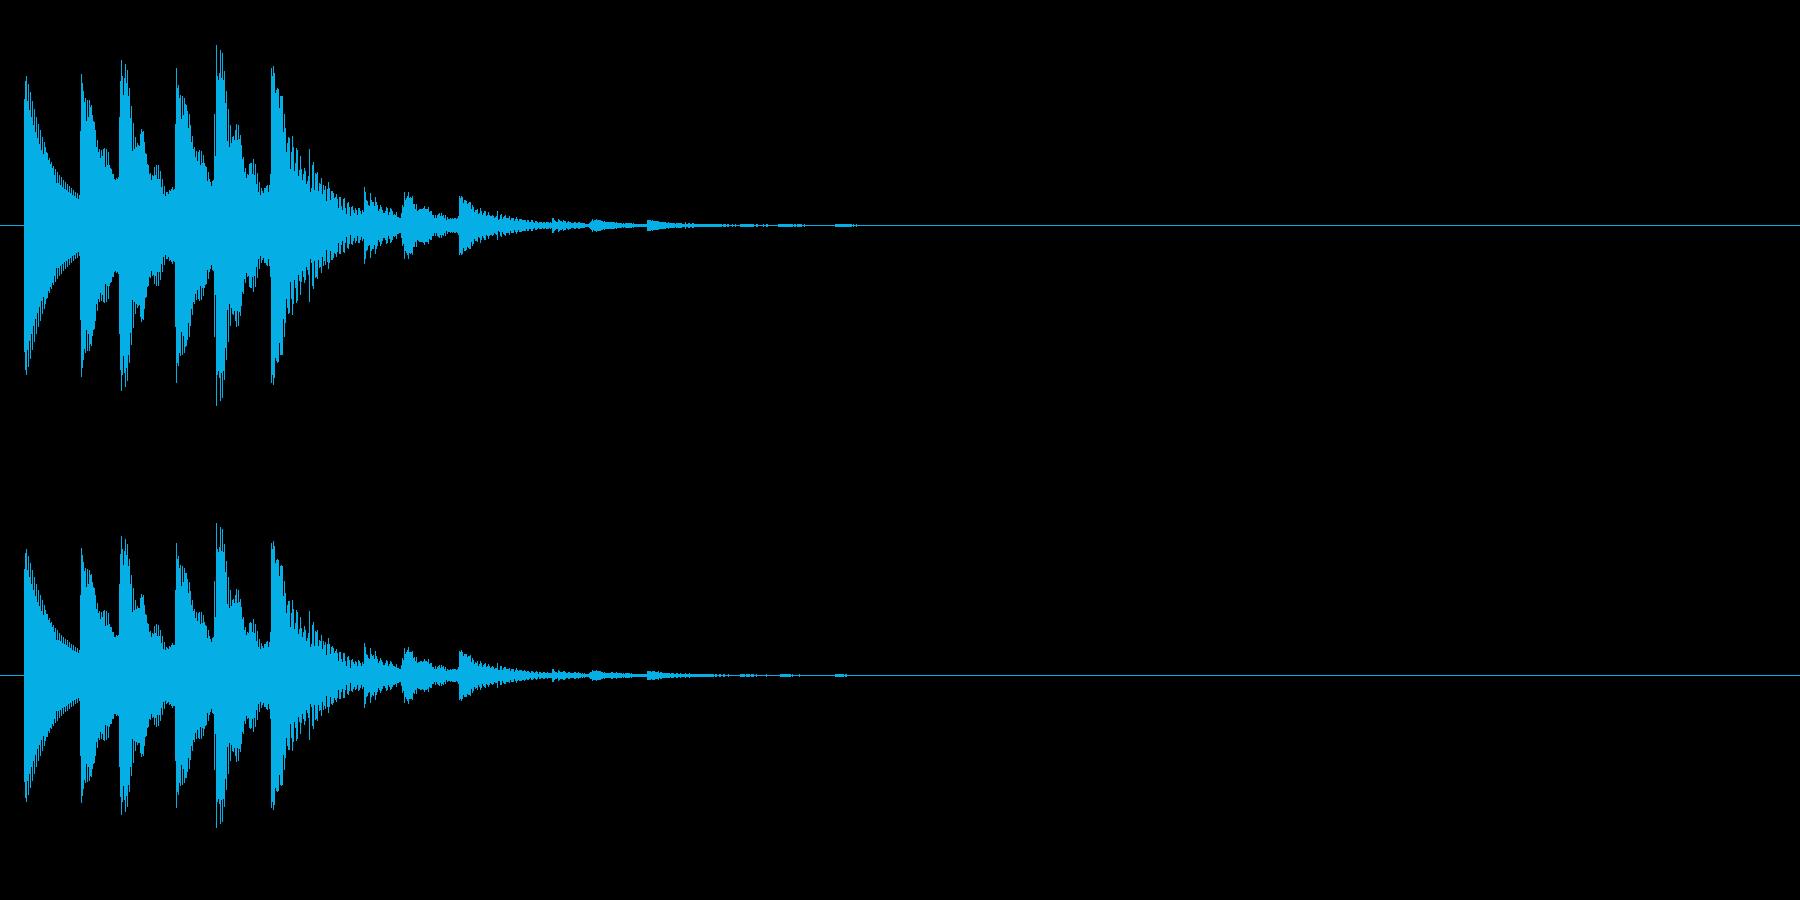 チャリチャリチャリーンなコイン獲得の音5の再生済みの波形